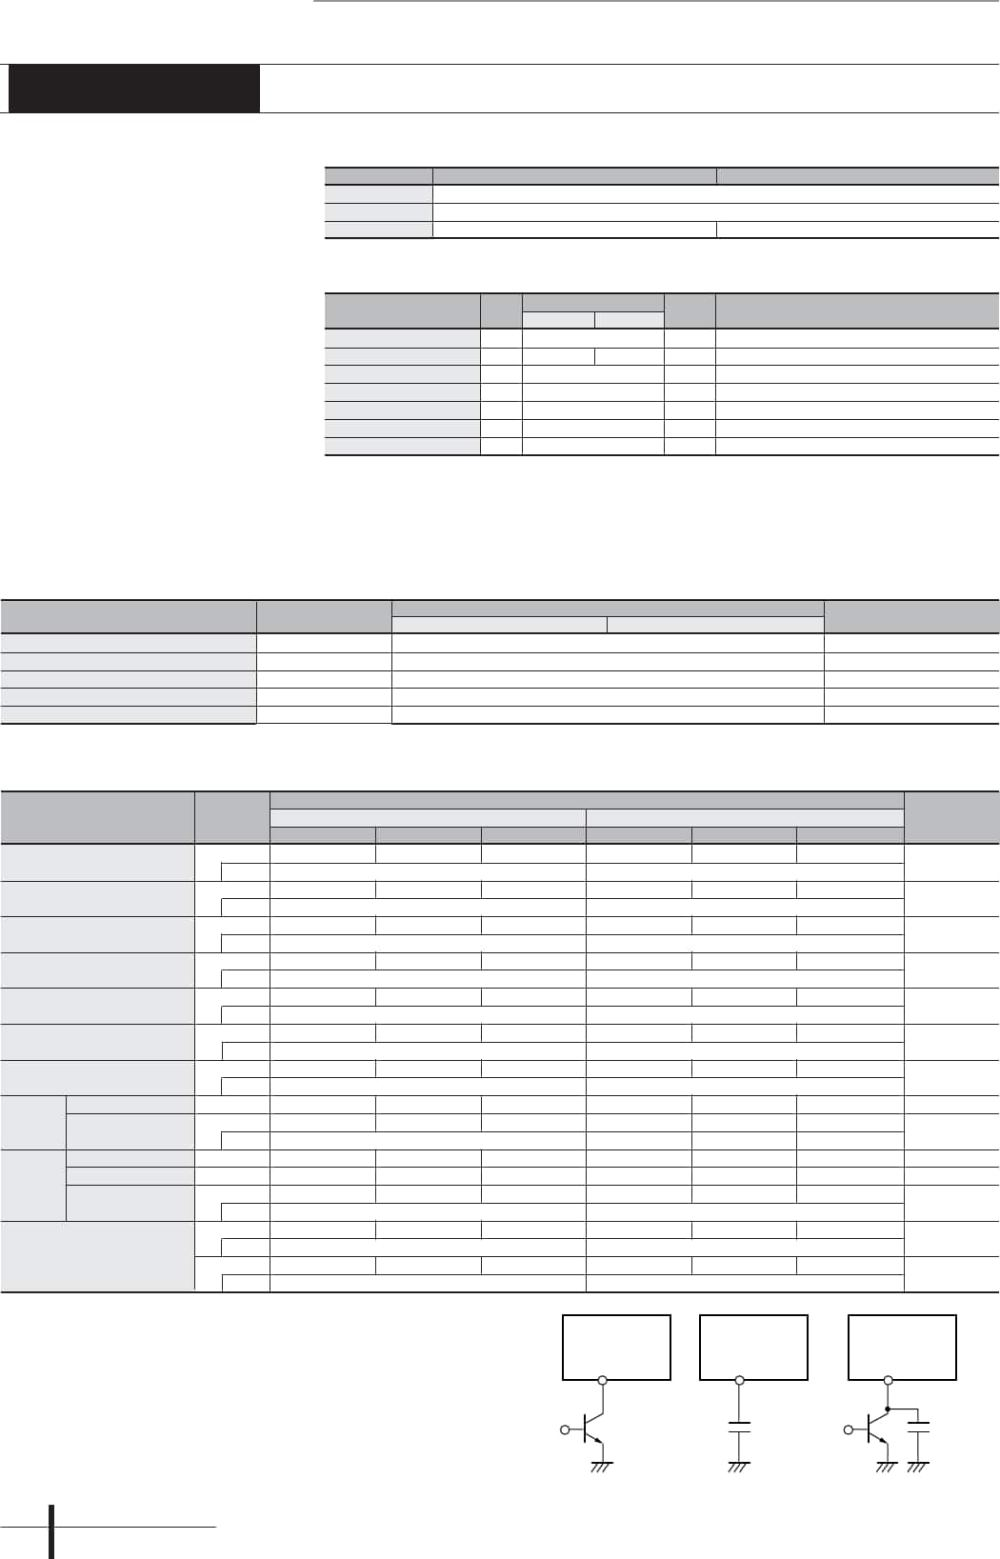 medium resolution of 34 ics